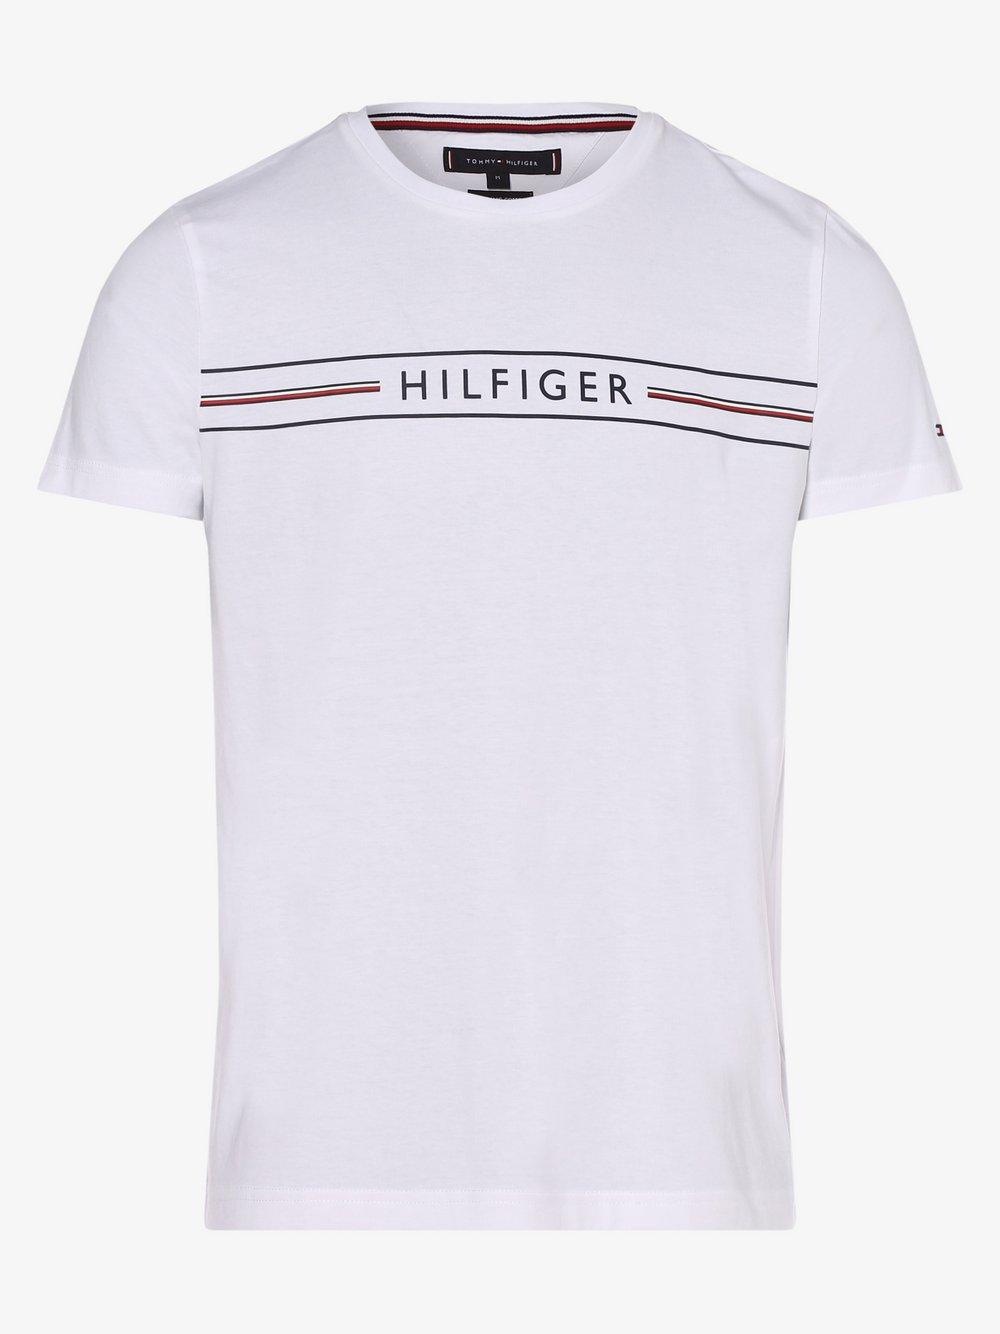 Tommy Hilfiger - T-shirt męski, biały